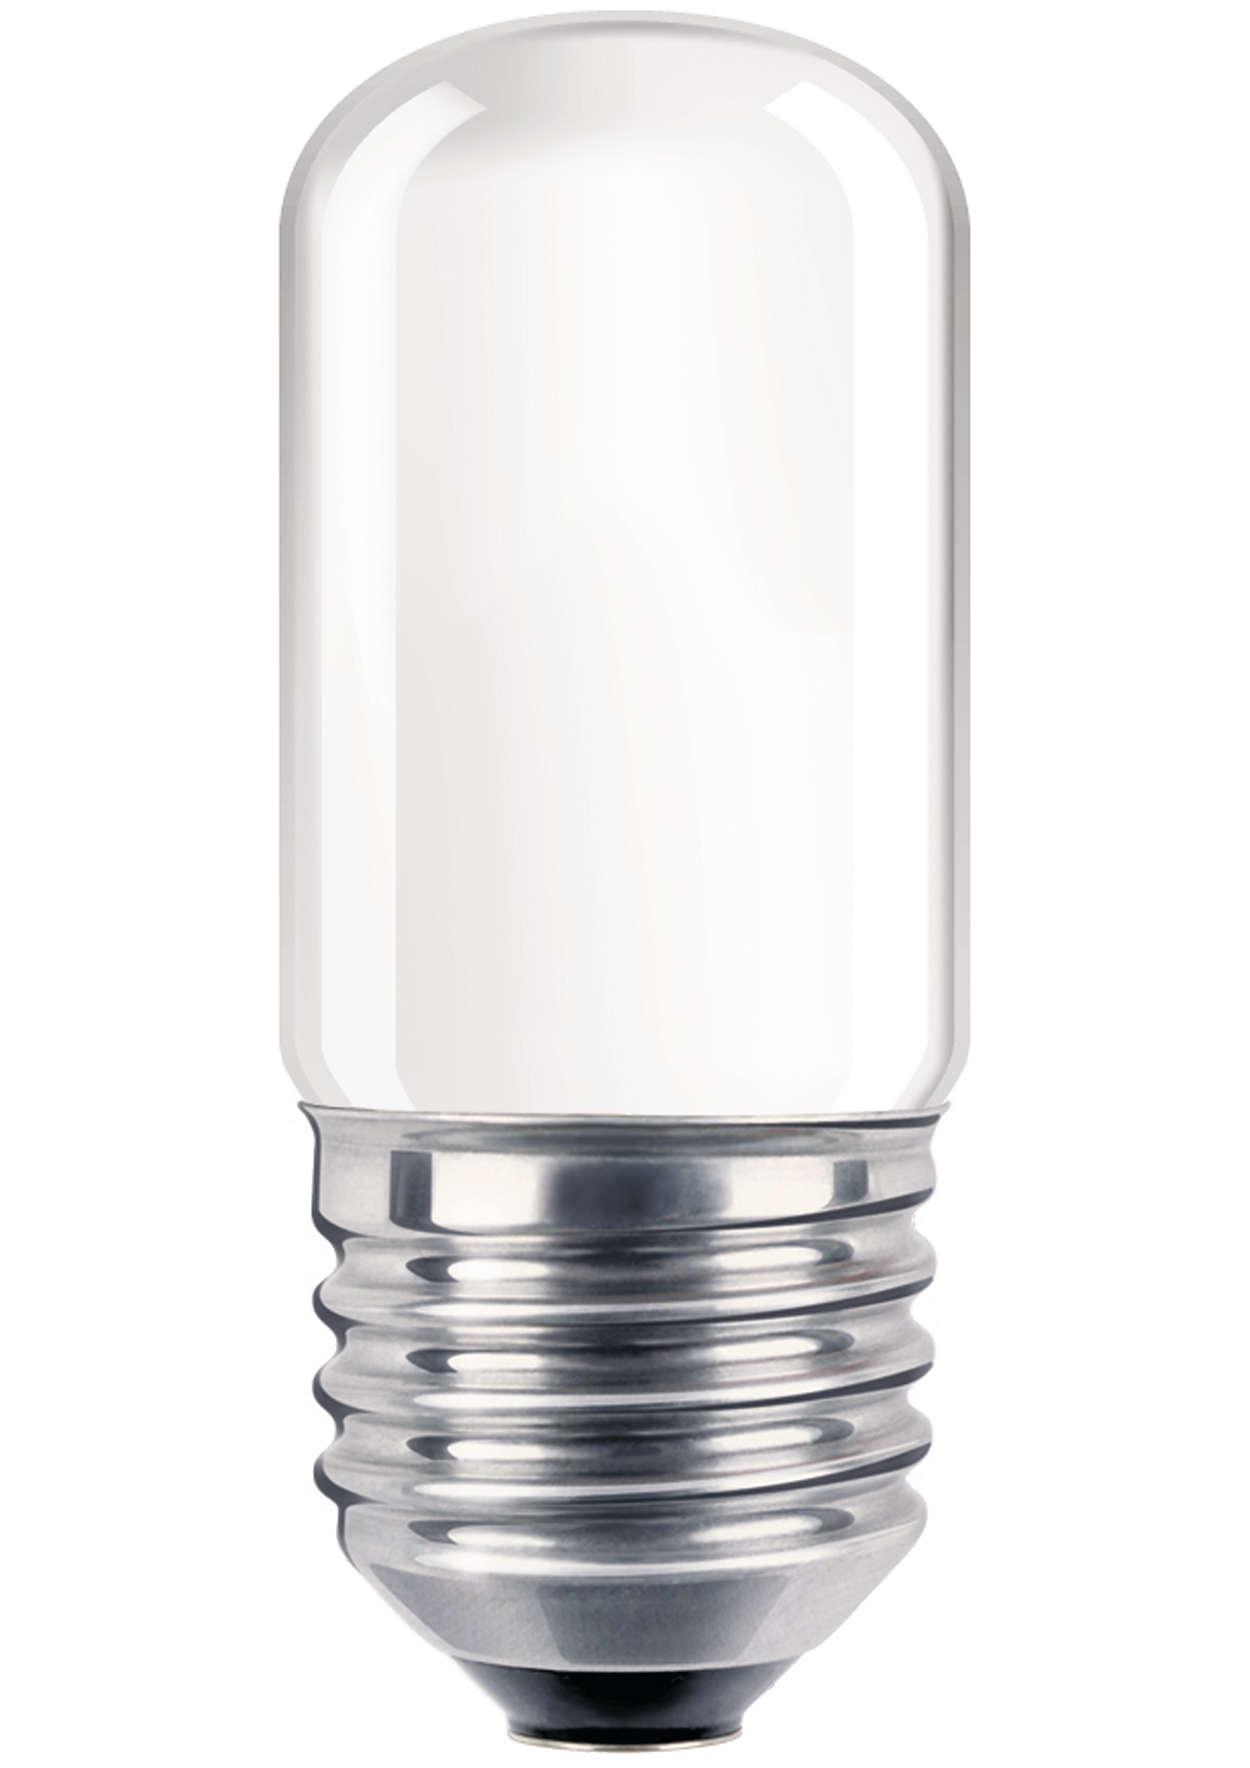 Glødelampe som brukes som nattlampe